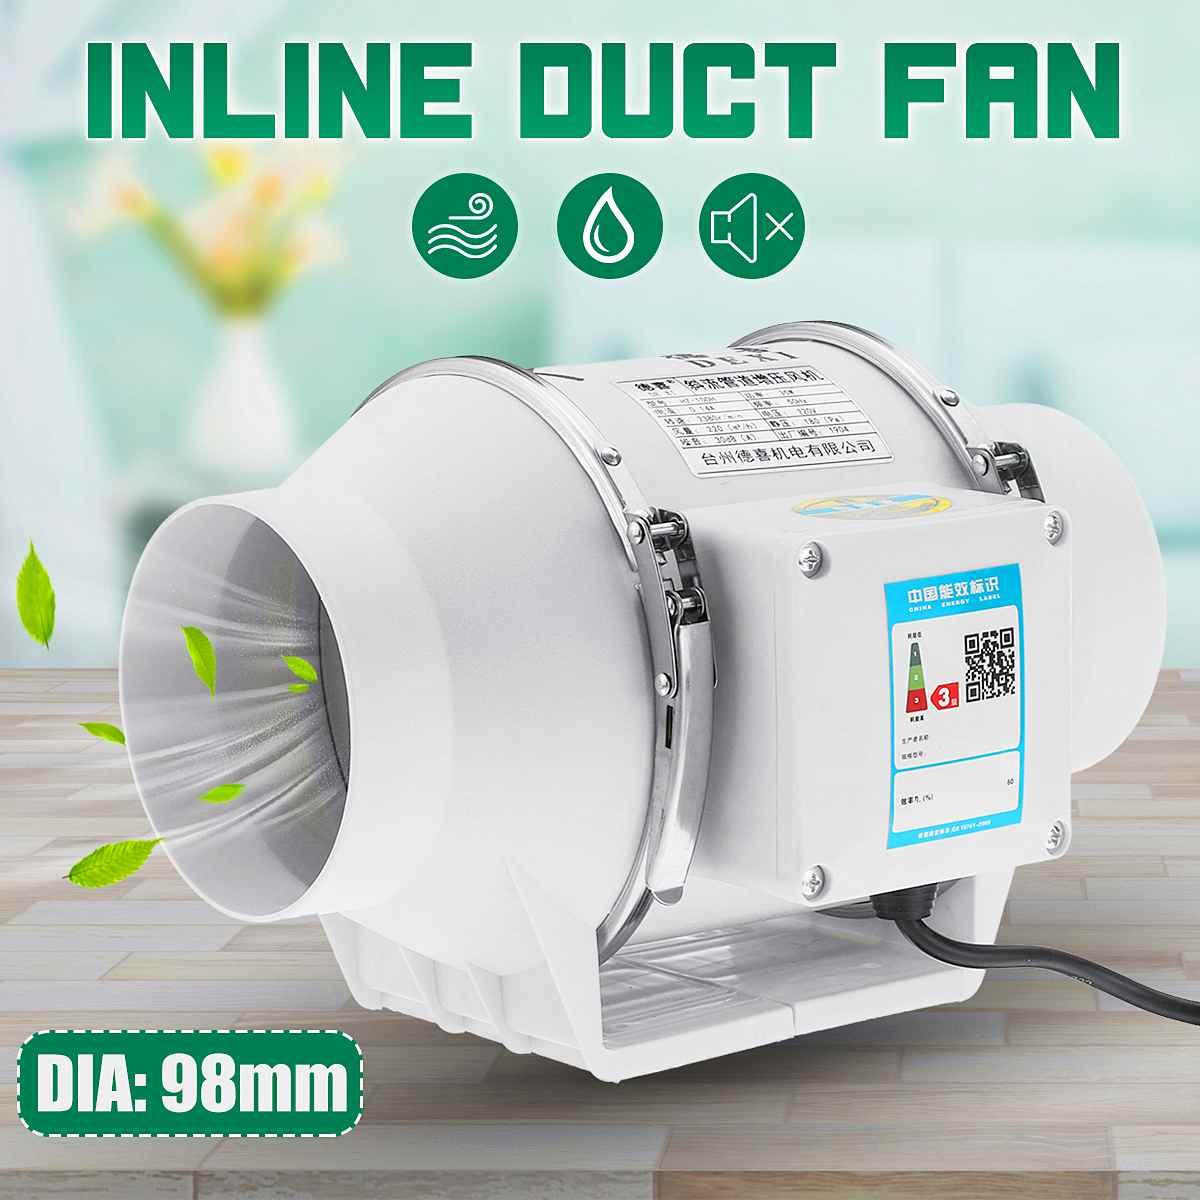 Flux mixte en ligne conduit Booster ventilateur Turbines Air ventilateur hydroponique système de Ventilation d'air salle de bains toilette cuisine extracteur ventilateur